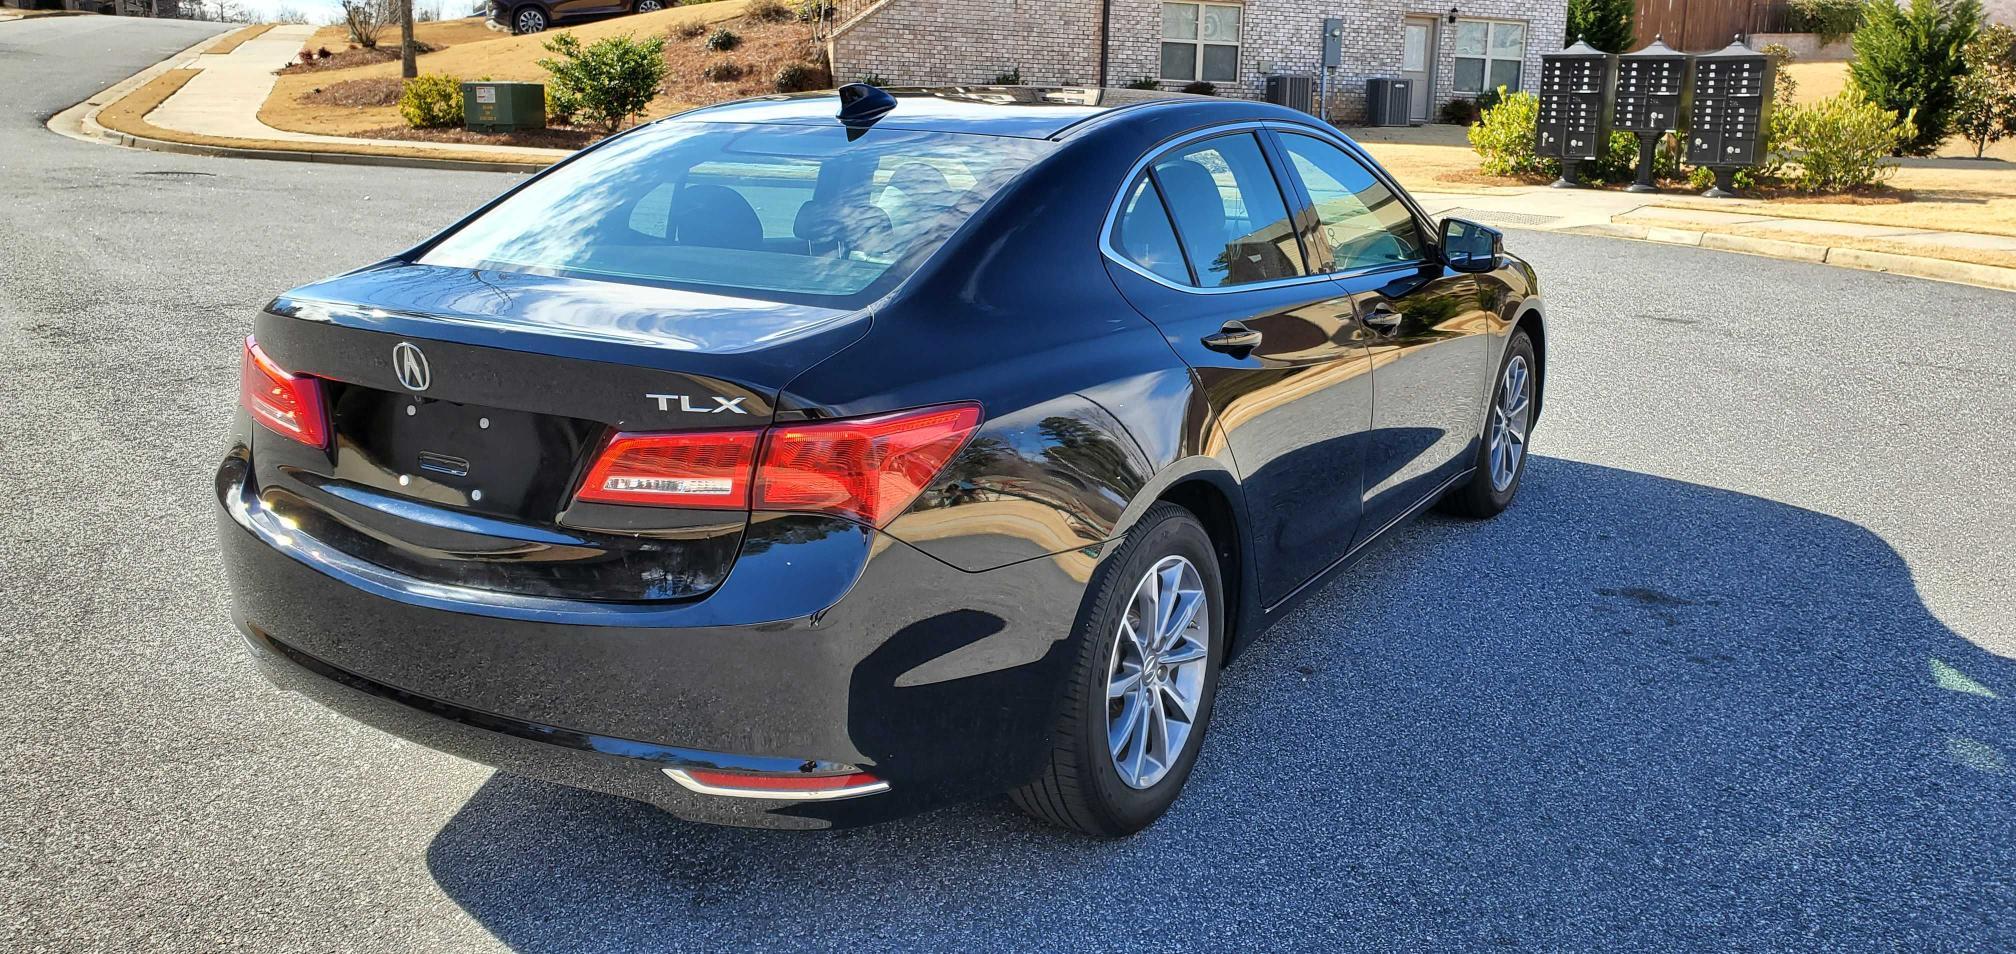 цена в сша 2018 Acura Tlx 2.4L 19UUB1F35JA003105